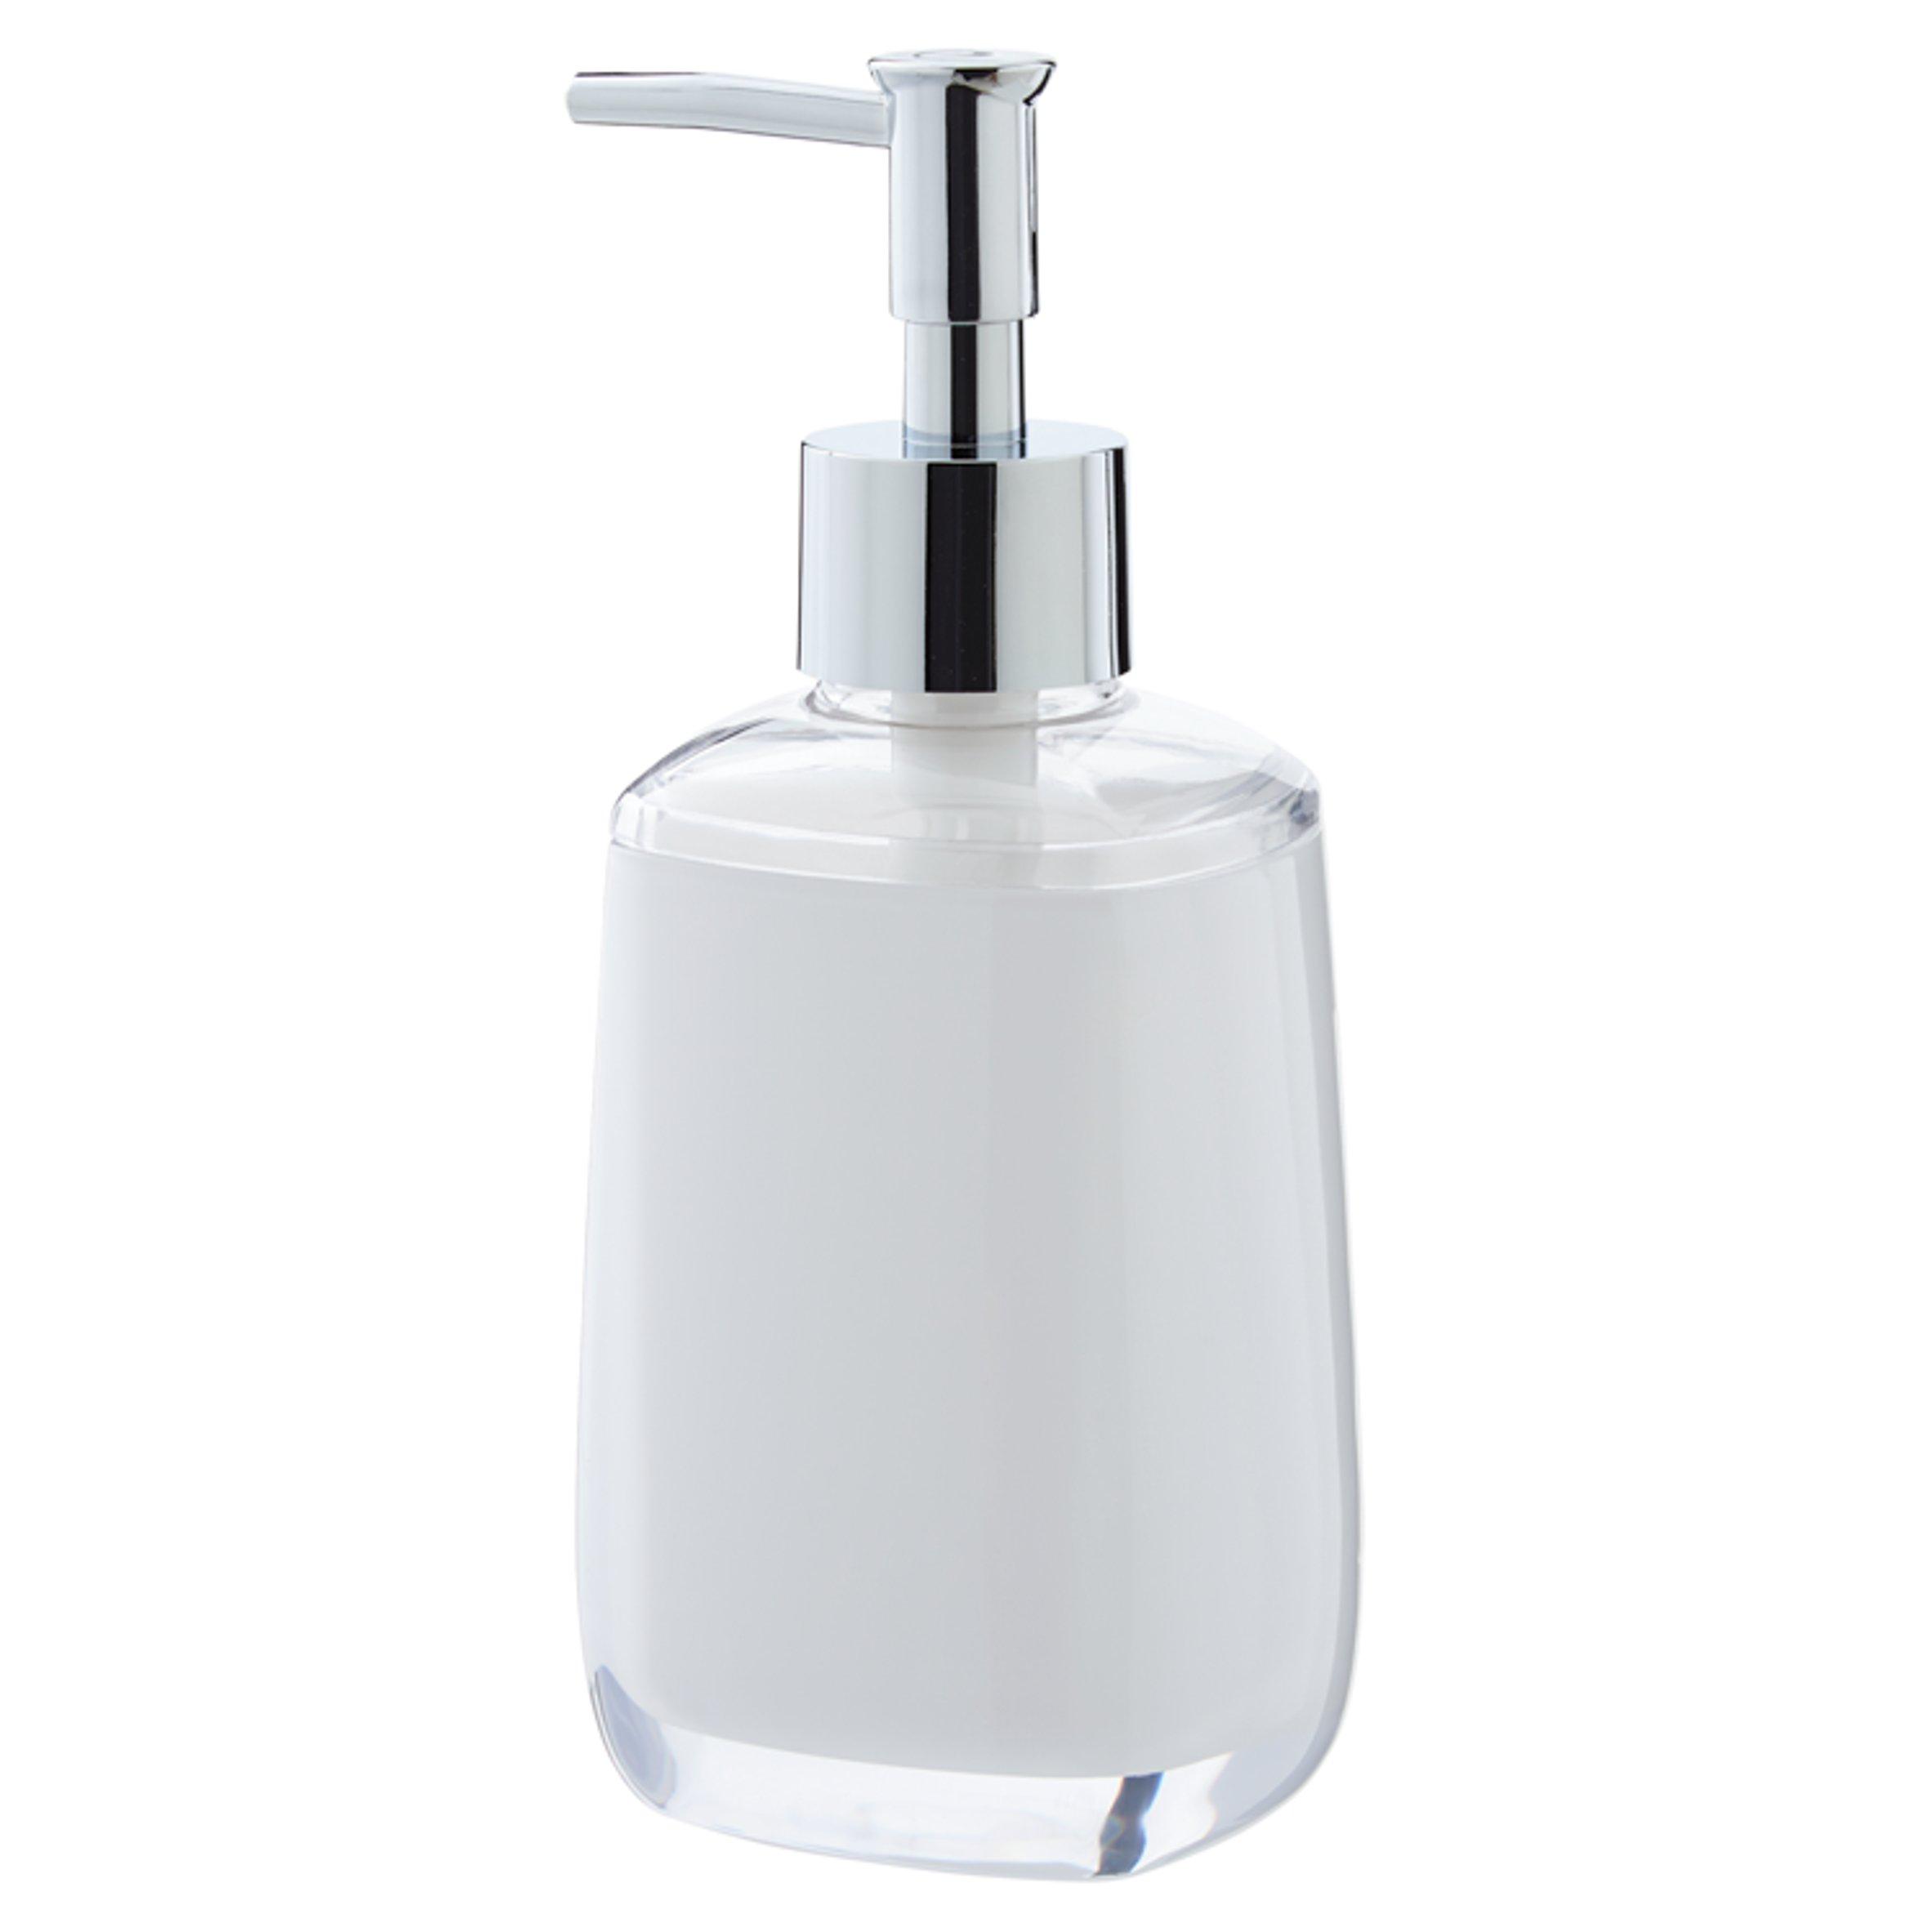 Tesco Cube Soap Dispenser White - Tesco